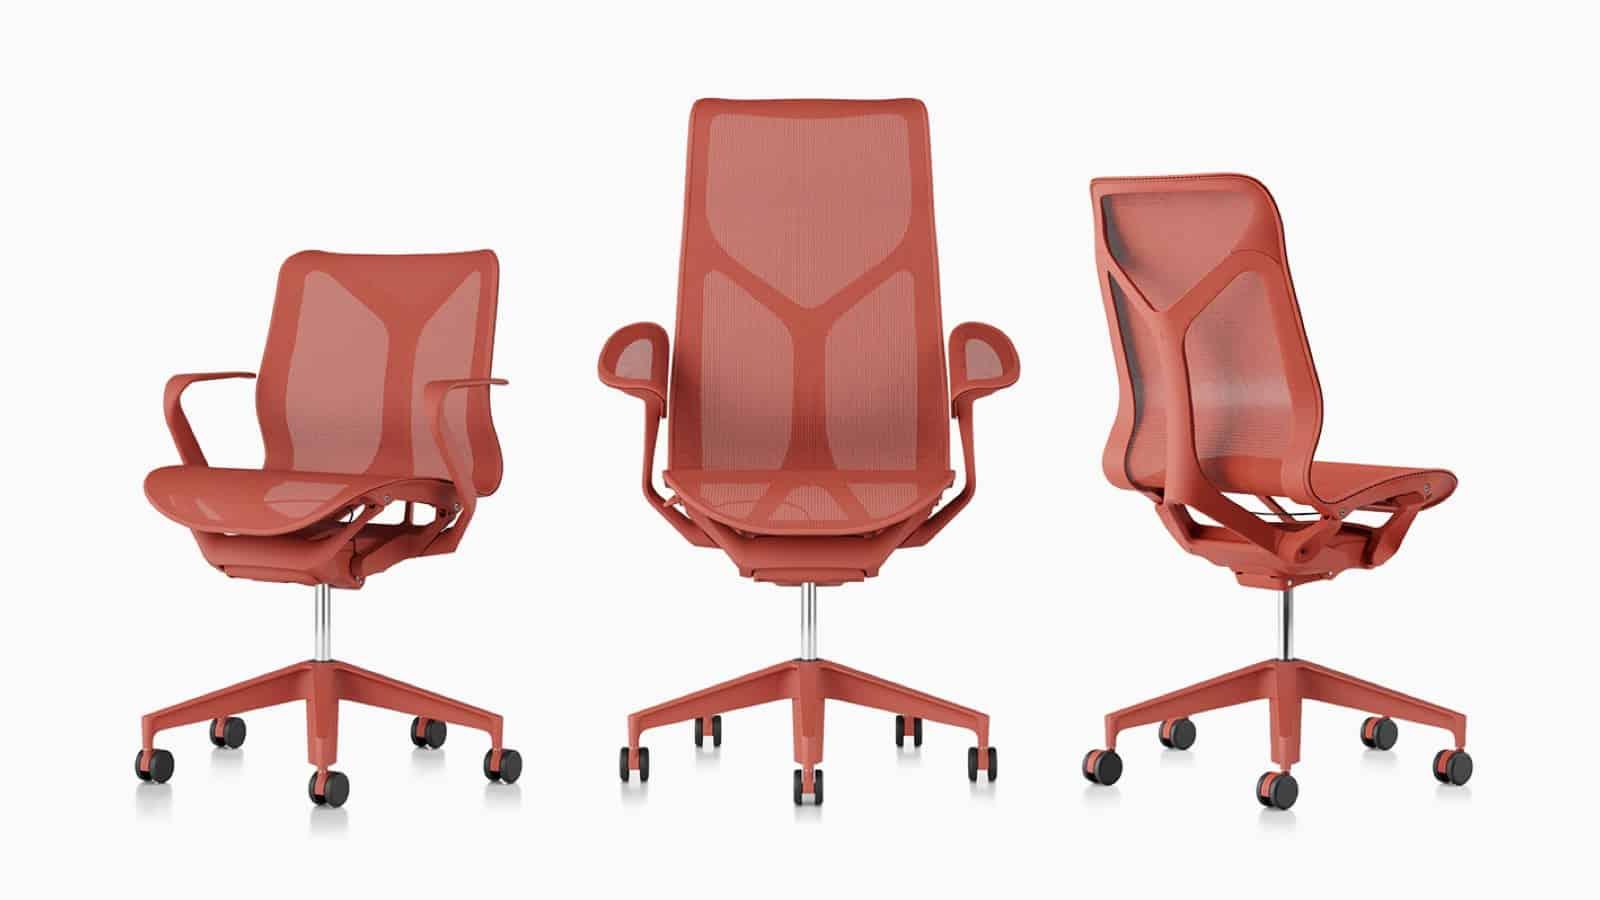 Trois modèles de fauteuils Cosm de couleur rouge.